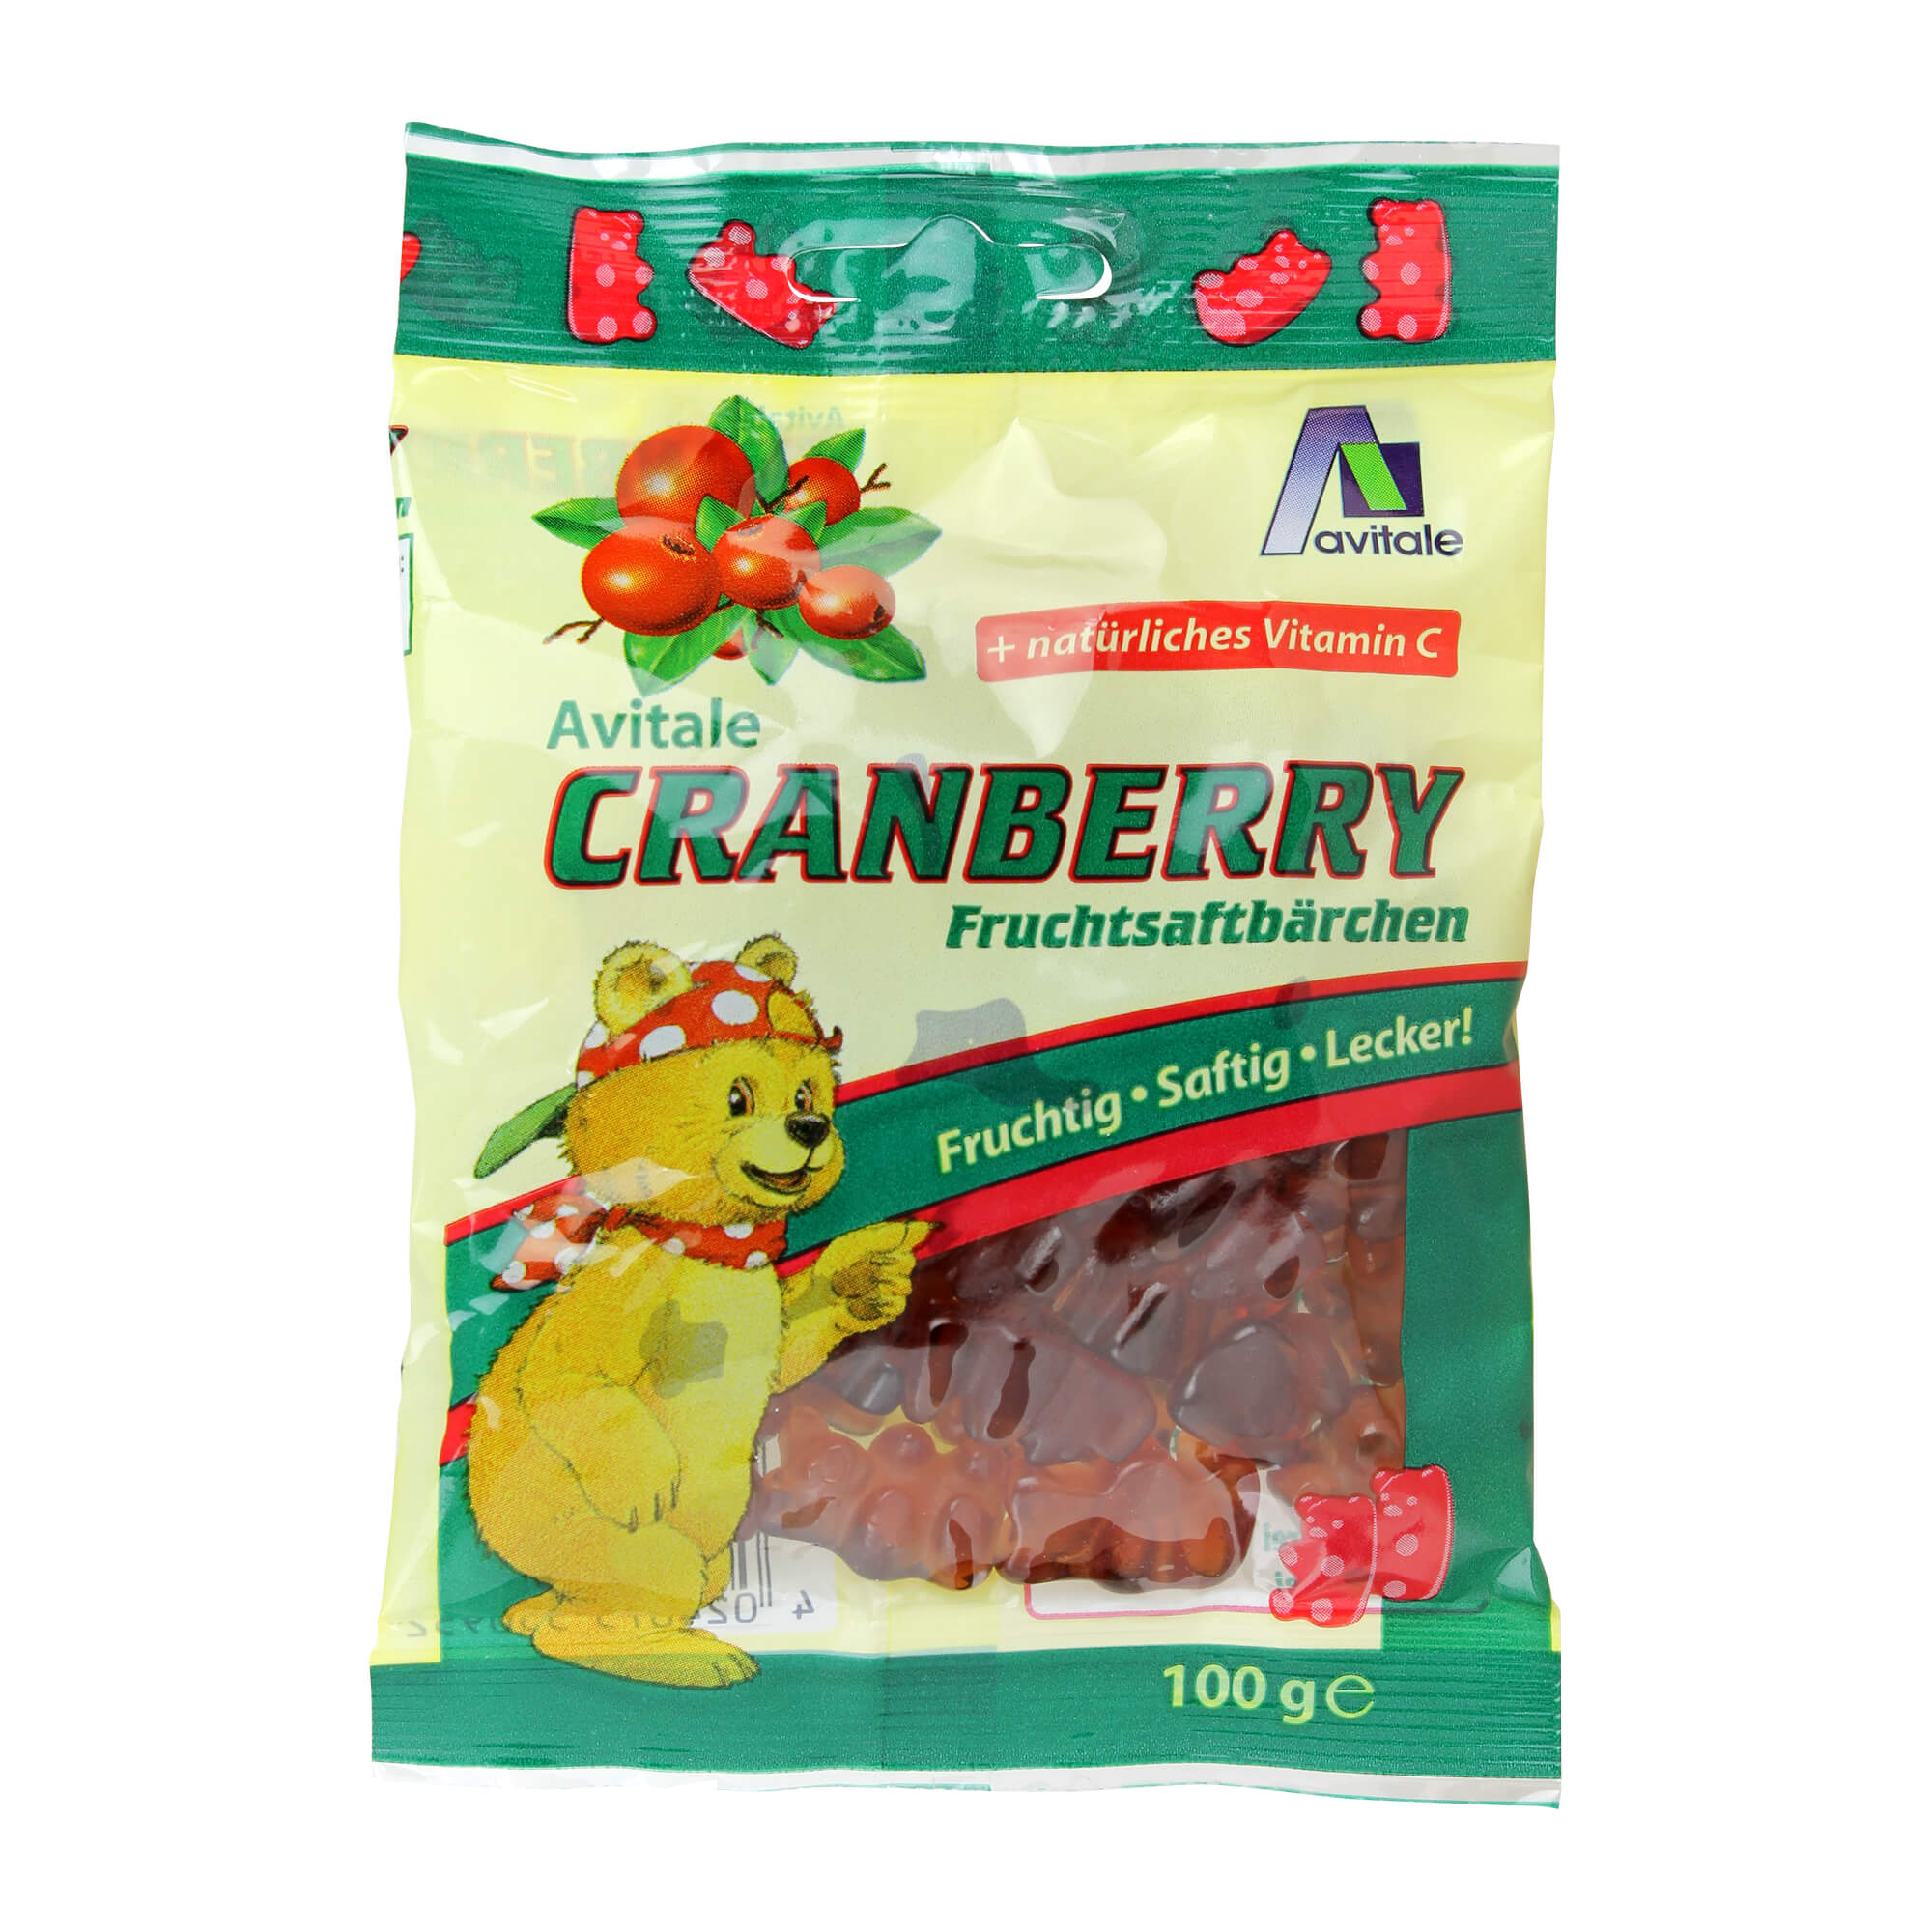 Cranberry Fruchtsaftbären